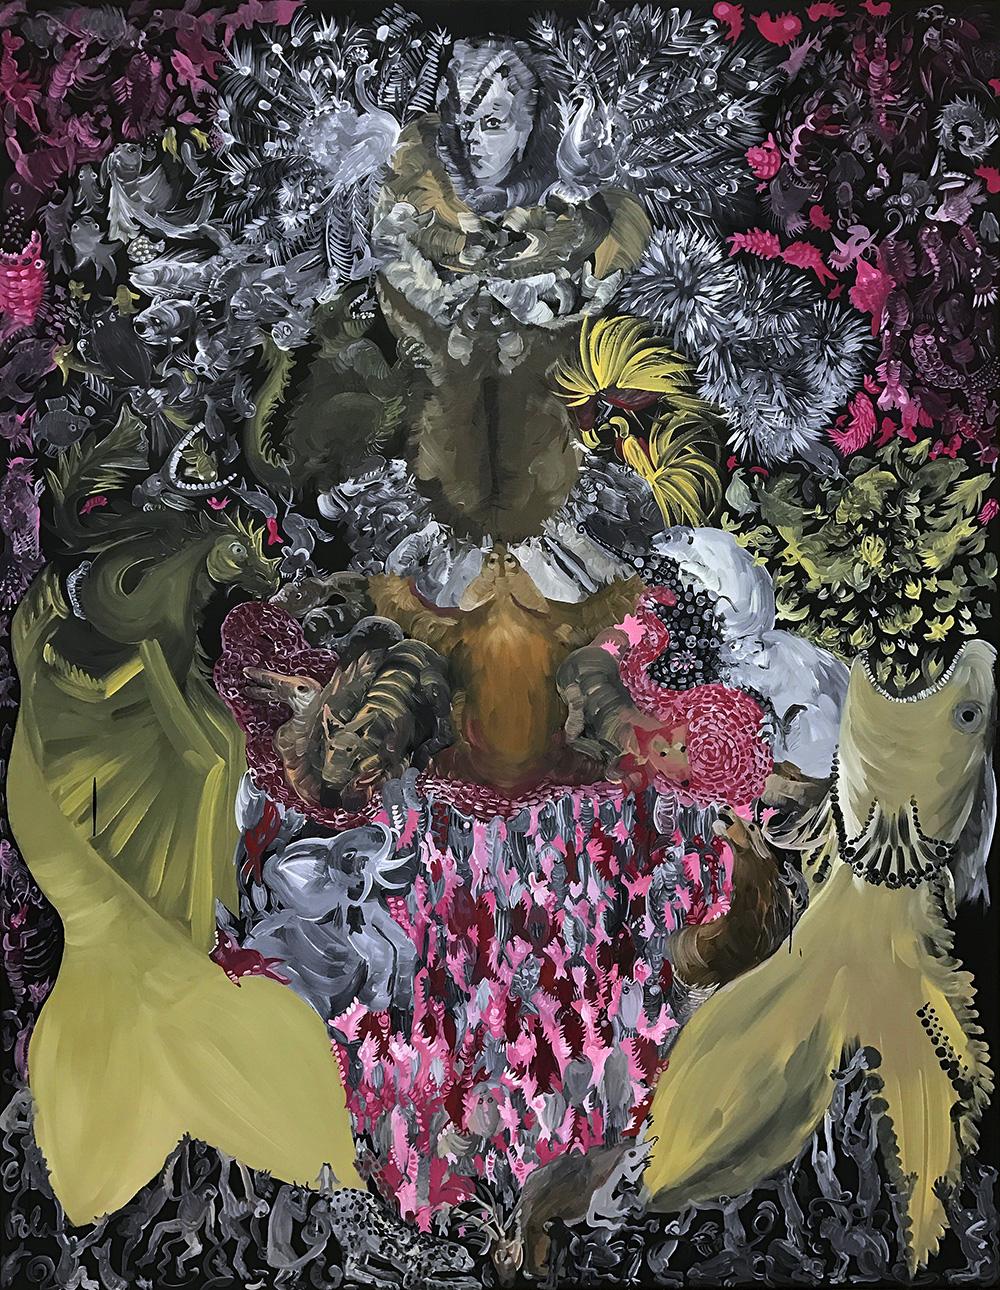 Pola Dwurnik, Suknia Alcyny, 2015, olej, płótno, 146 x 114 cm